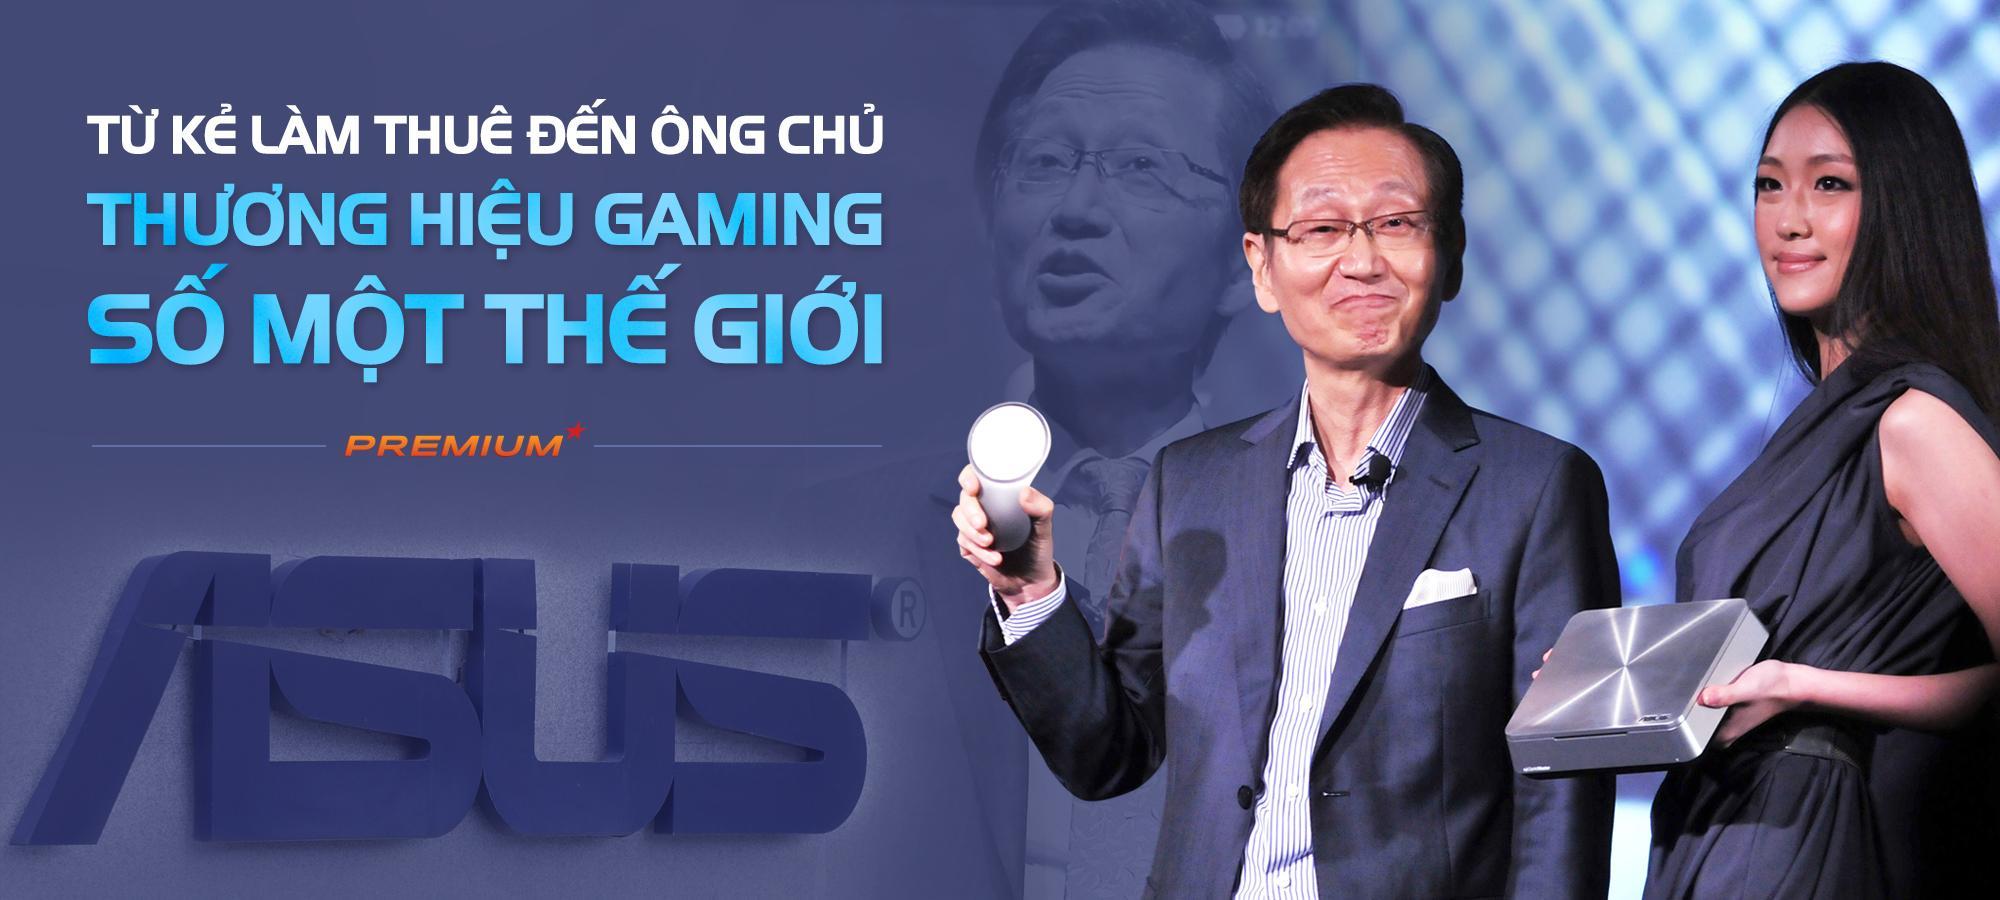 Từ kẻ làm thuê đến ông chủ thương hiệu gaming số một thế giới